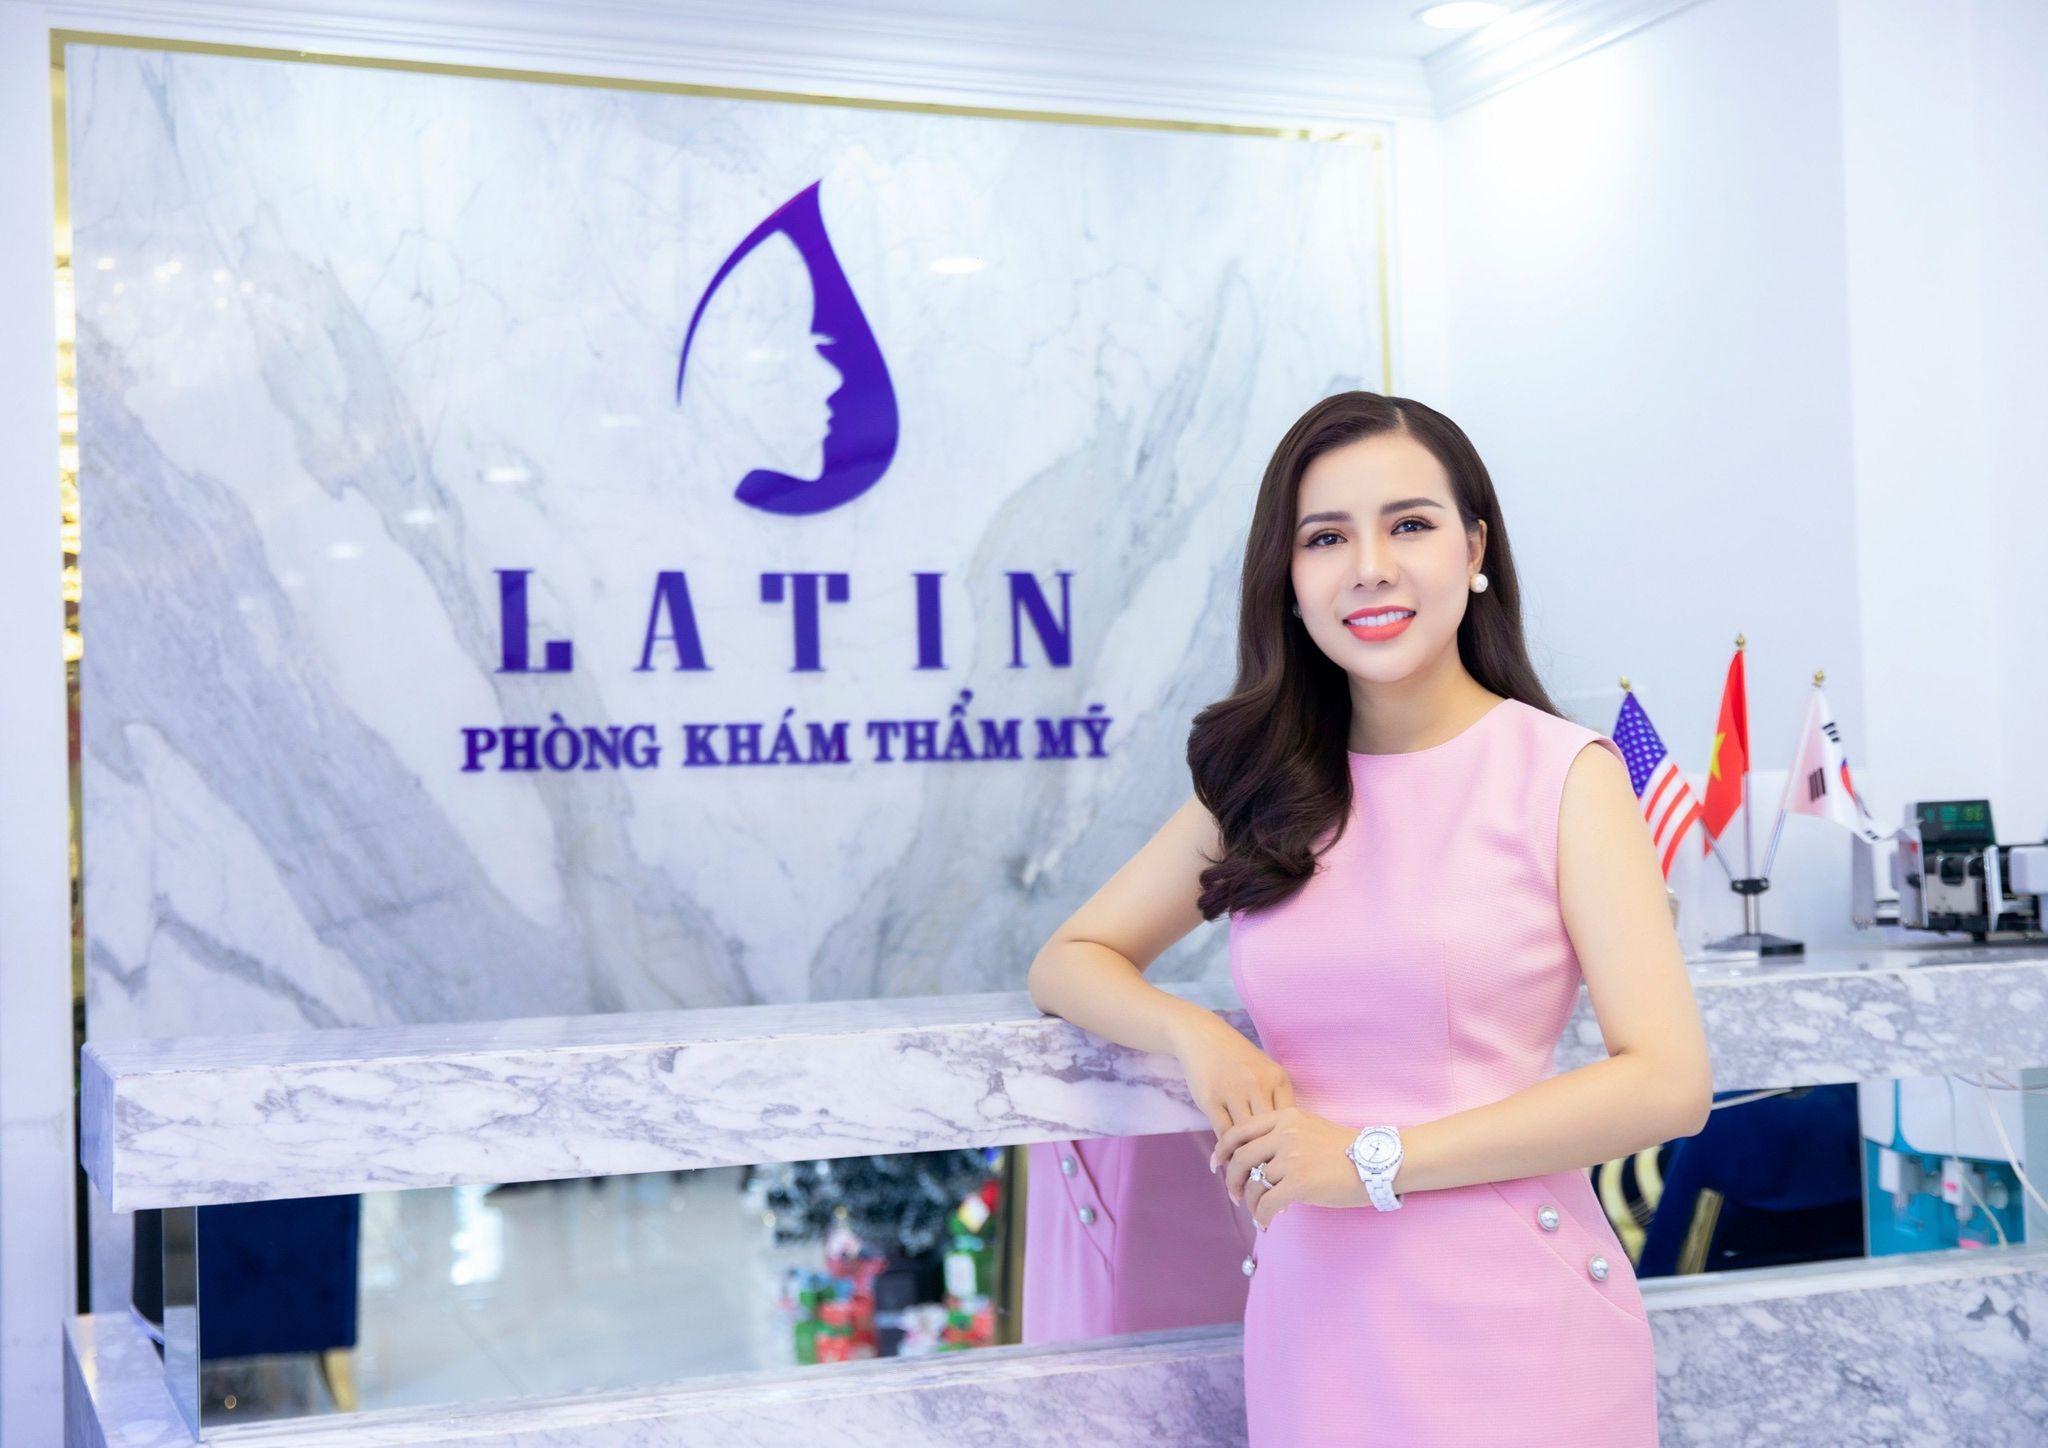 Thẩm mỹ Latin | Top 15 cơ sở Nâng mũi Đẹp và An toàn ở TPHCM